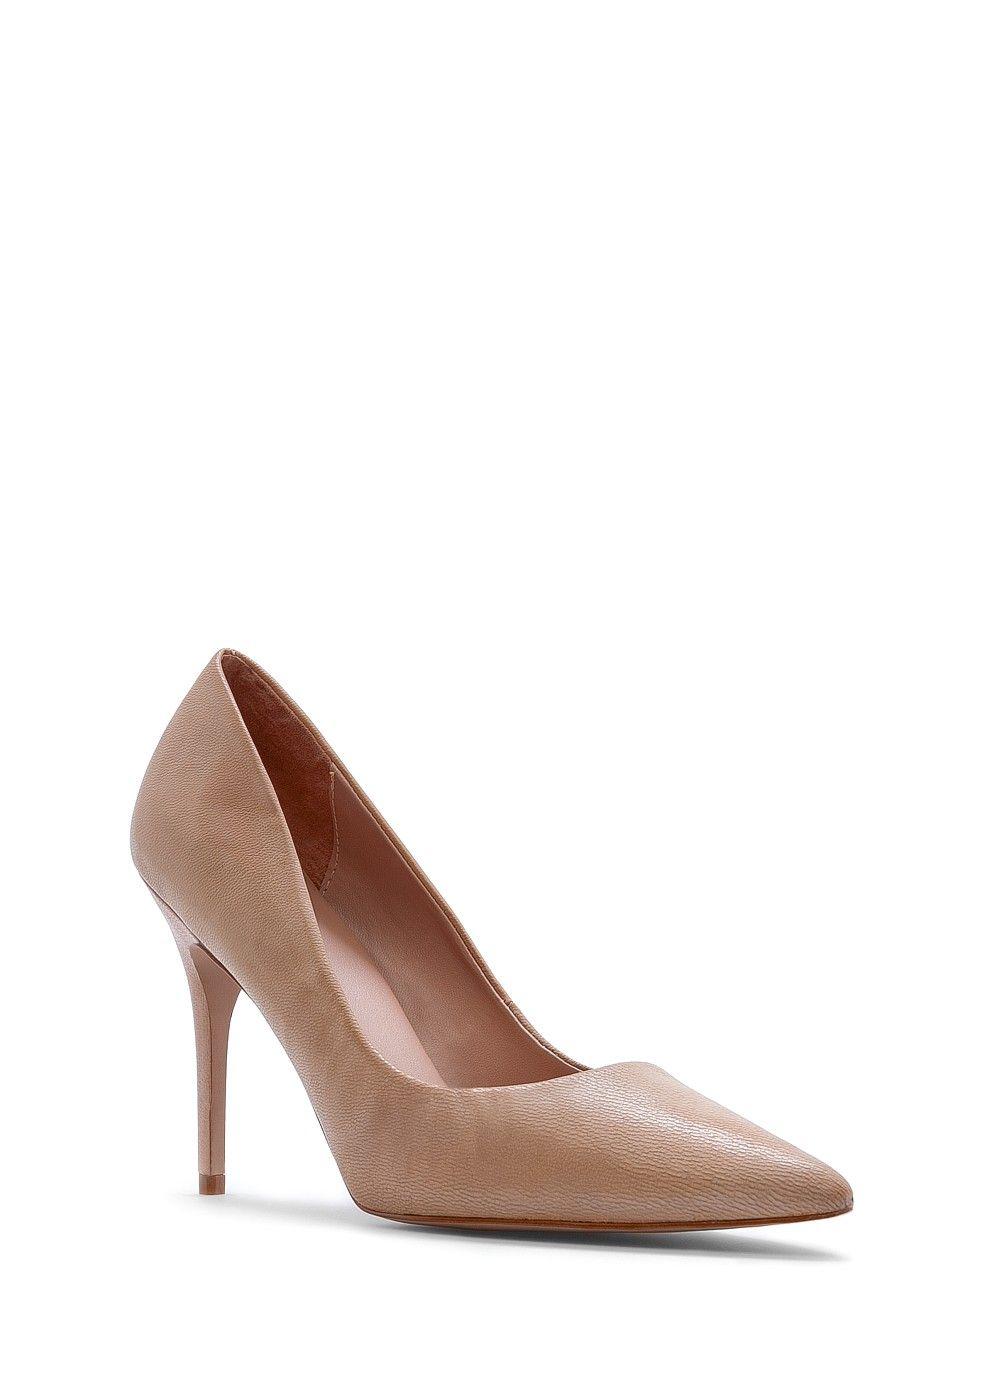 Zapato salón piel nude de MANGO SS13. Comprados en rebajas por 24,99 (antes  49,99€) Ref. 83620001 - CONSTA8 C